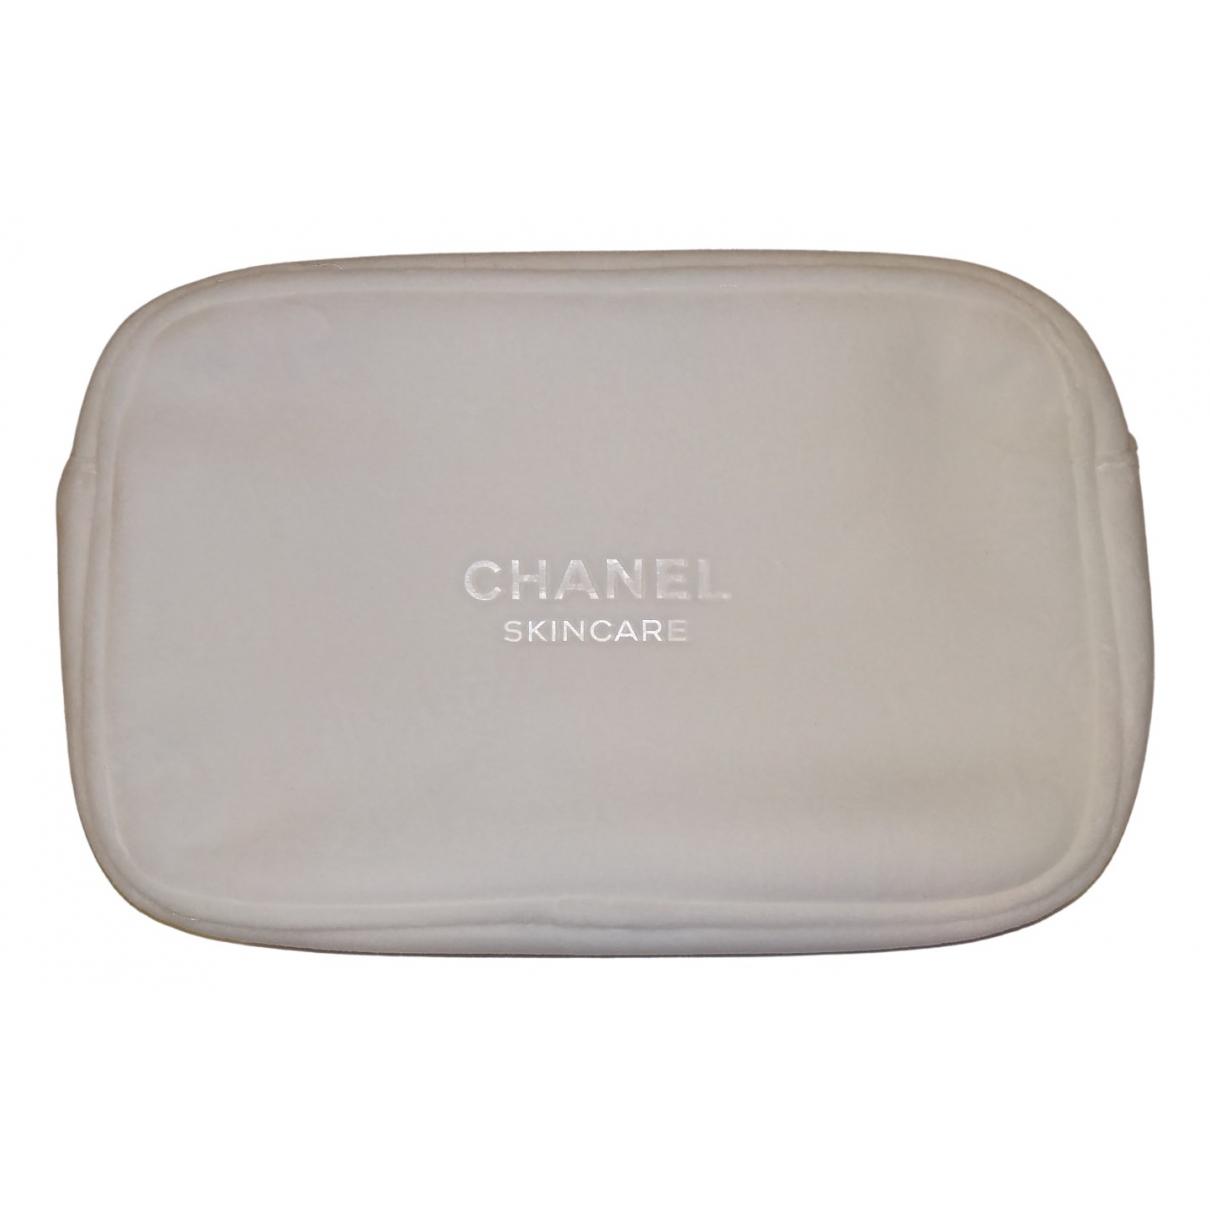 Chanel - Sac de voyage   pour femme en velours - blanc